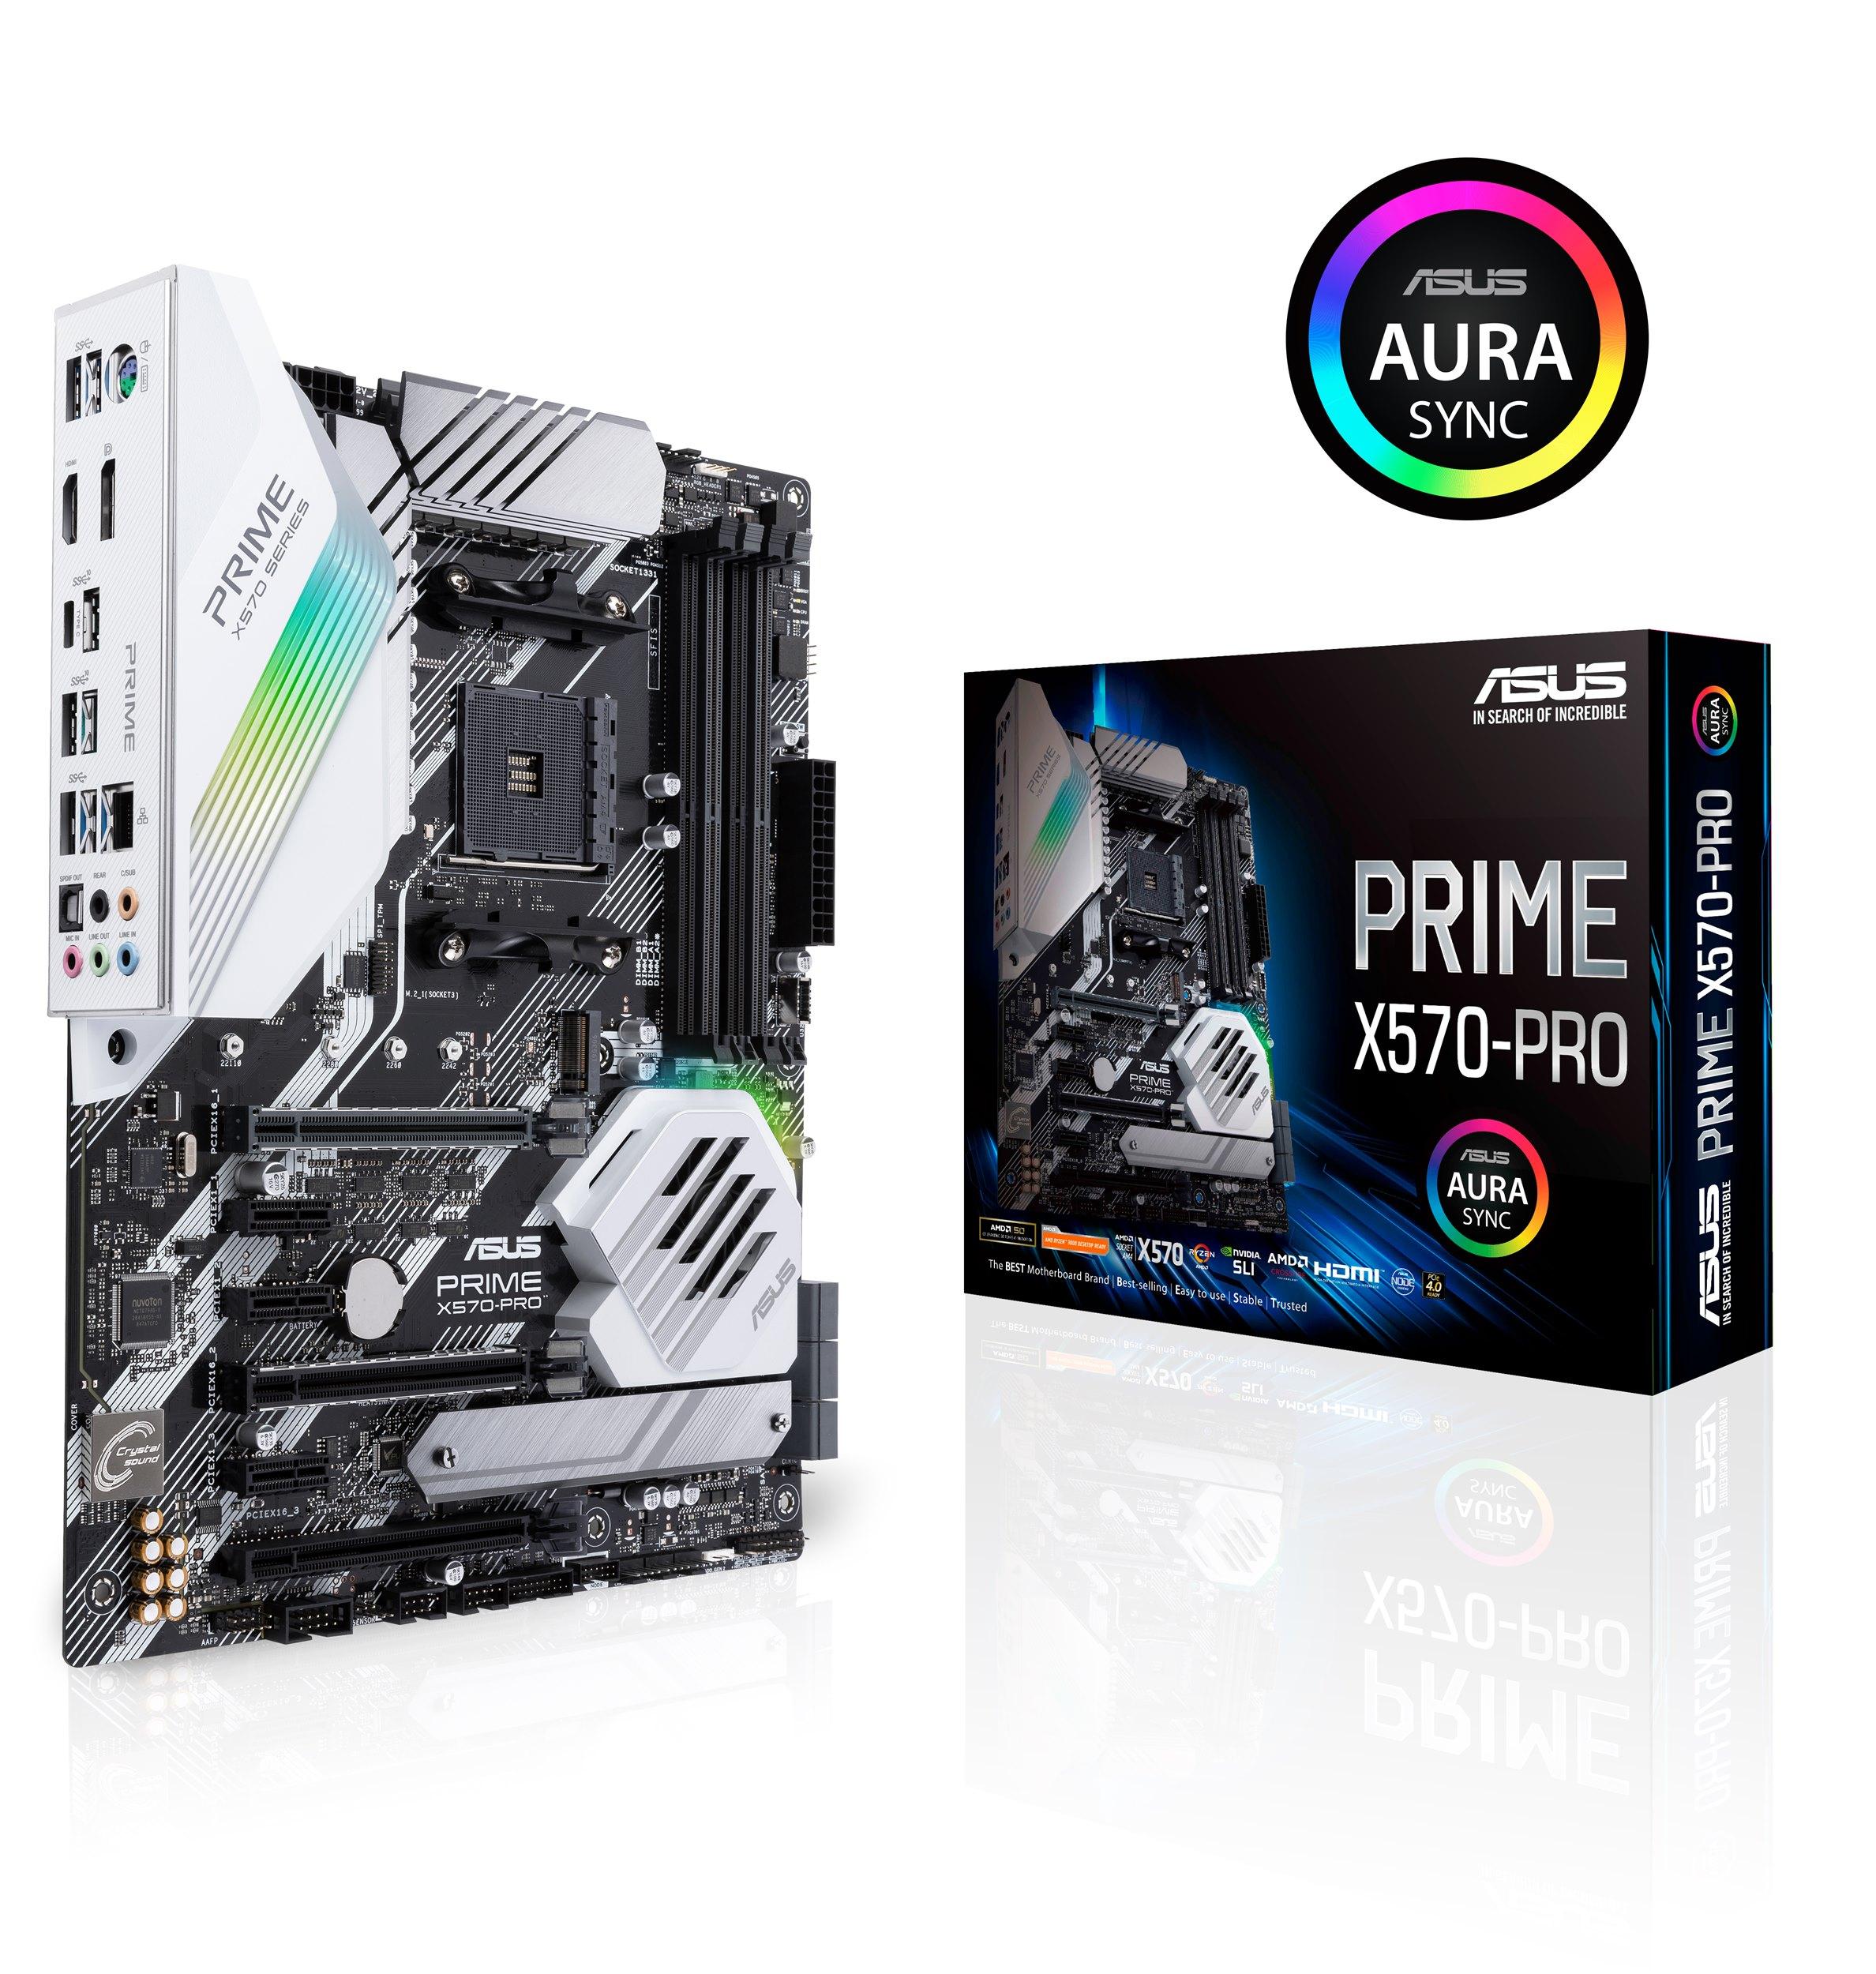 ASUS Prime X570 PRO以低調洗鍊的風格打造別緻外觀,適合偏好極簡風格的入門玩家